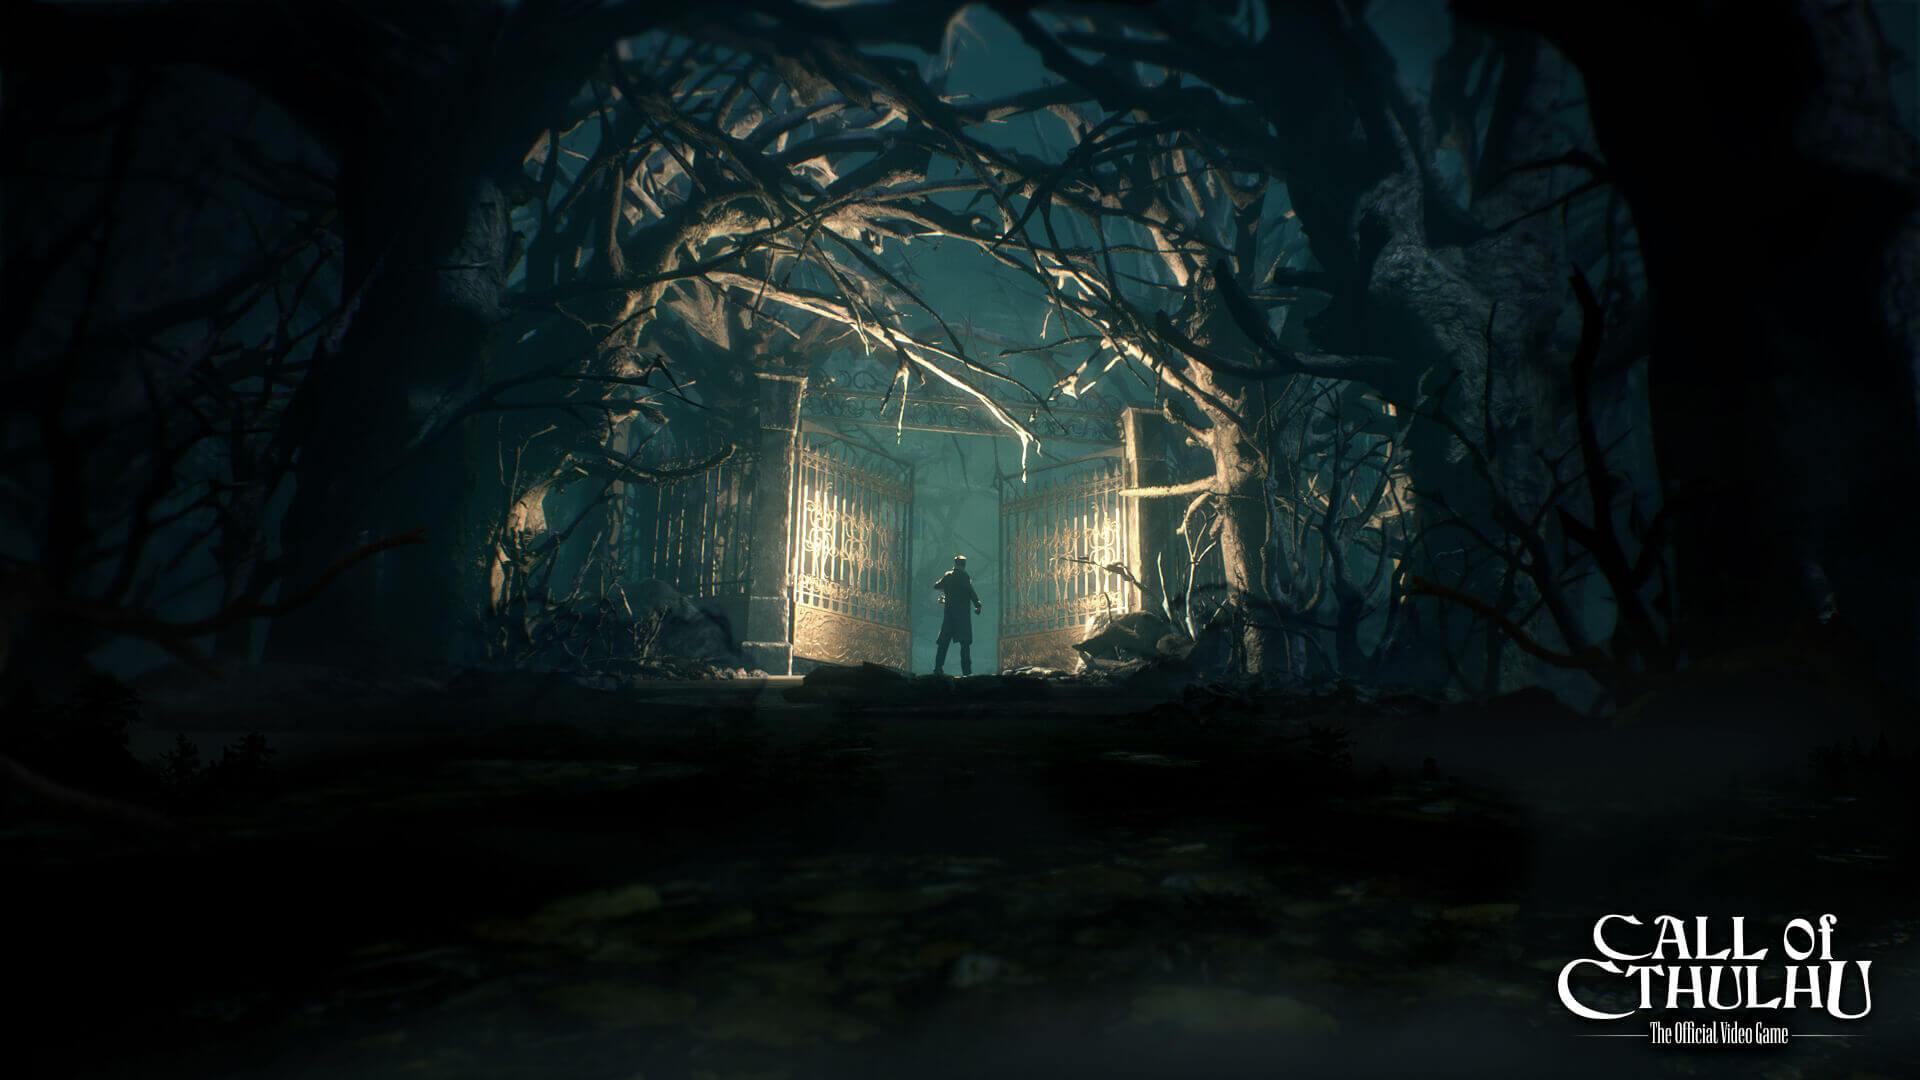 Foto de E3 2017: Call of Cthulu é uma mistura de Sherlock Holmes com o terror de H. P. Lovecraft